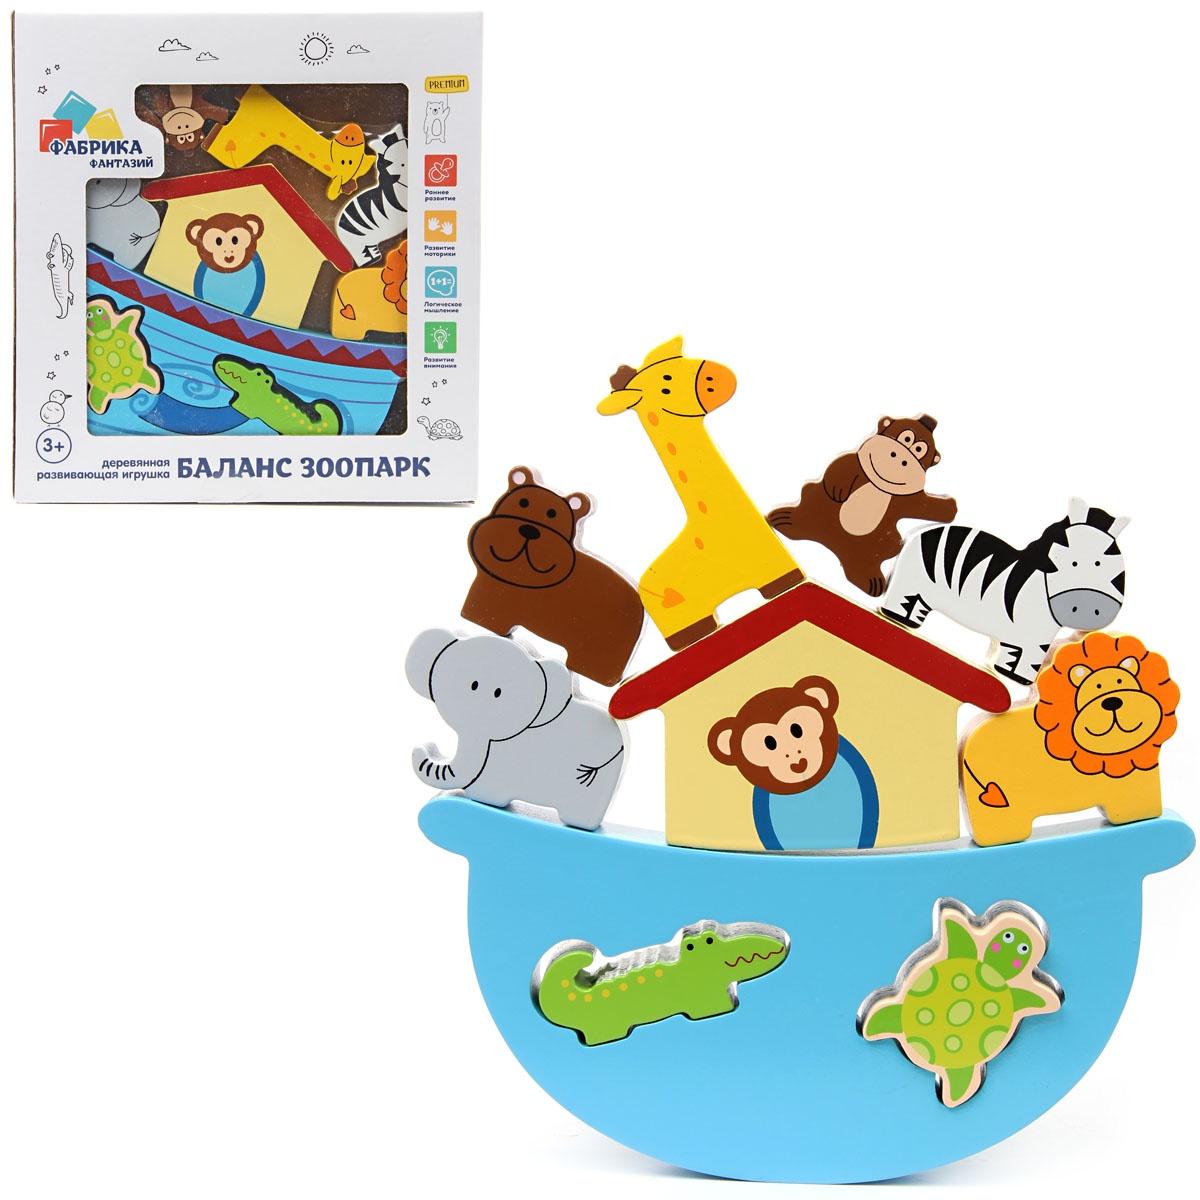 Развивающая игрушка Фабрика Фантазий 70016, 70016 фабрика фантазий обучающая игра фигурки животных чей малыш 60097